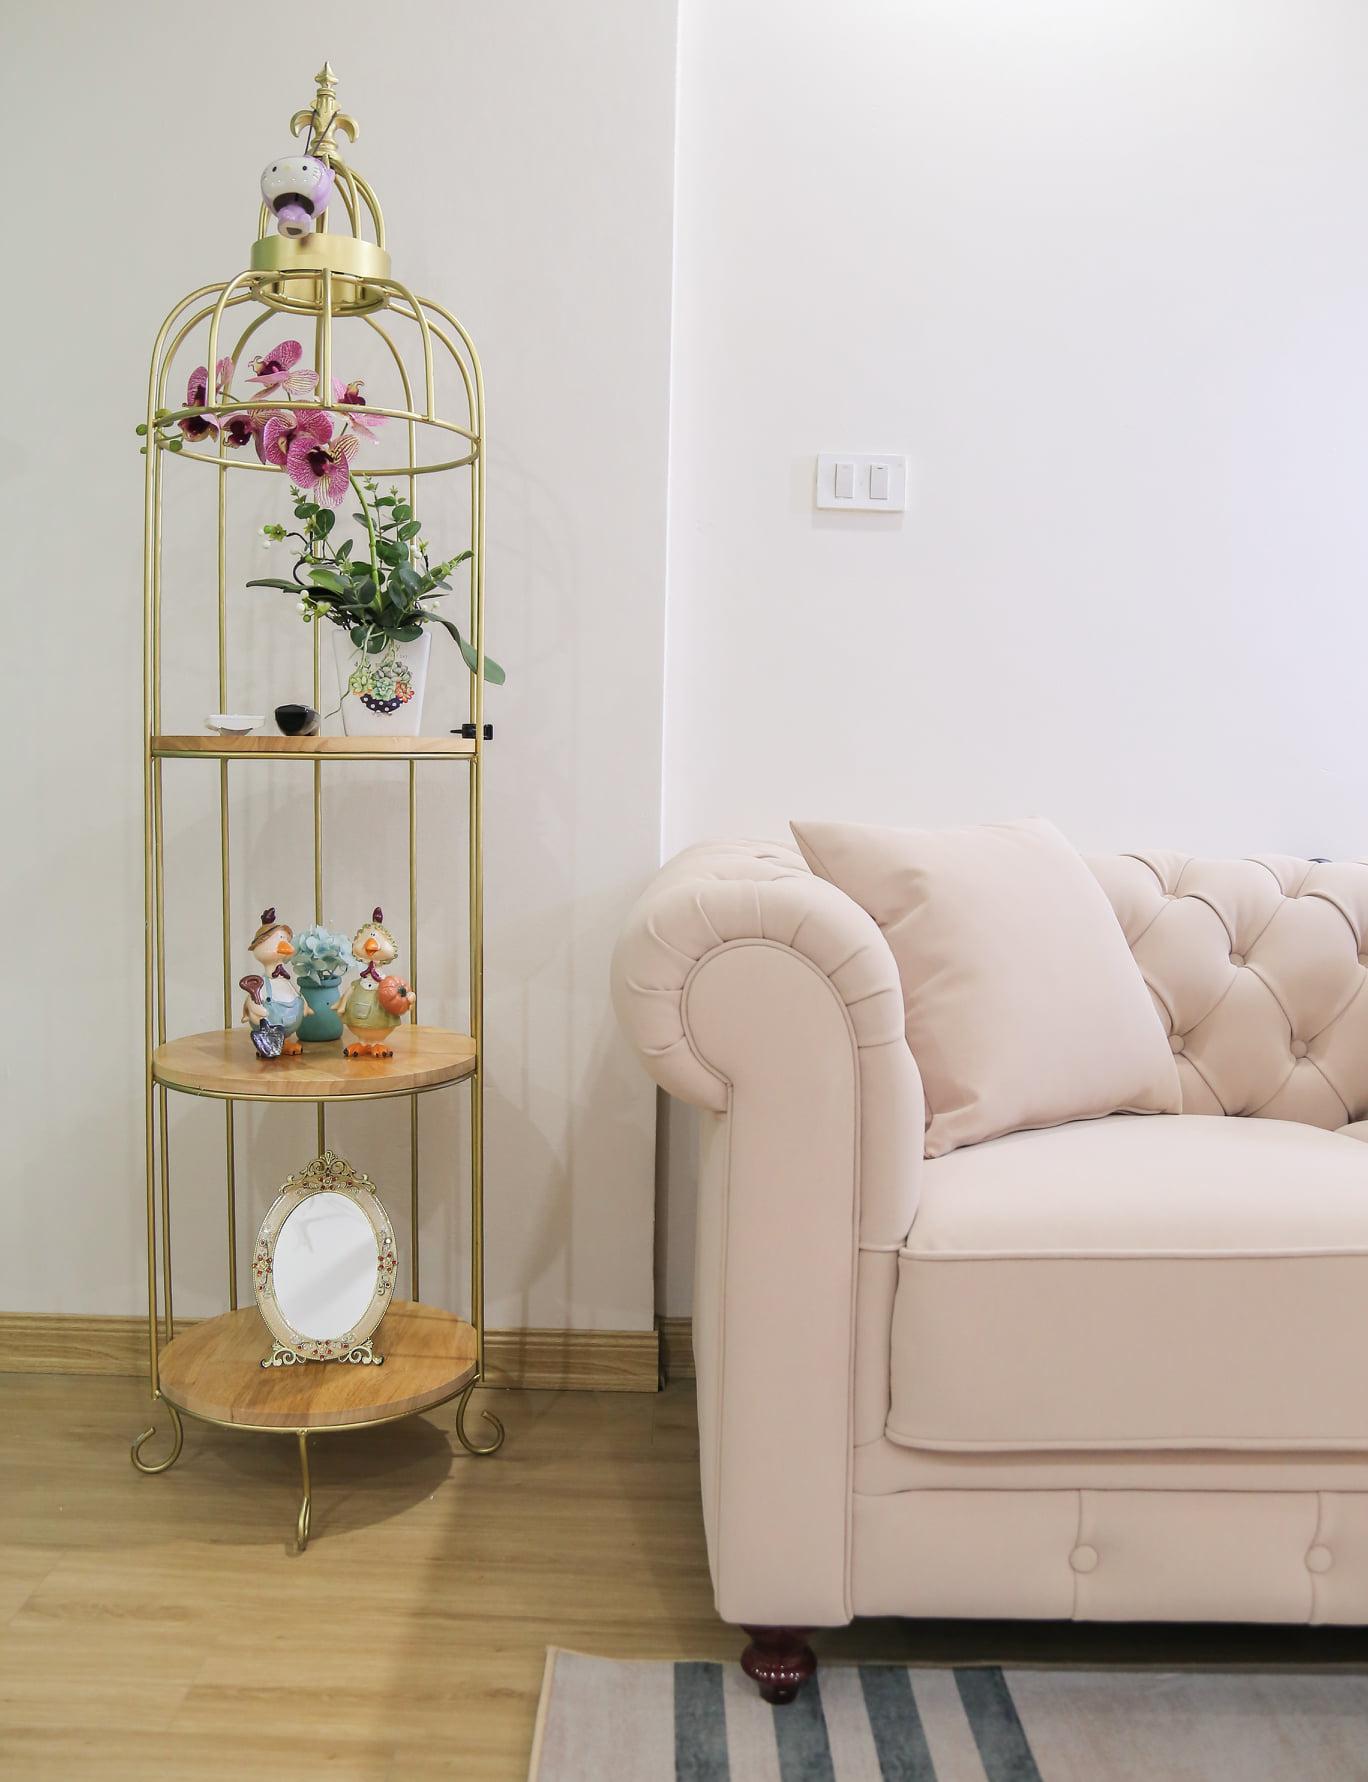 Những món đồ trang trí dễ thương, phù hợp với phong cách trang nhã, nữ tính của căn hộ.